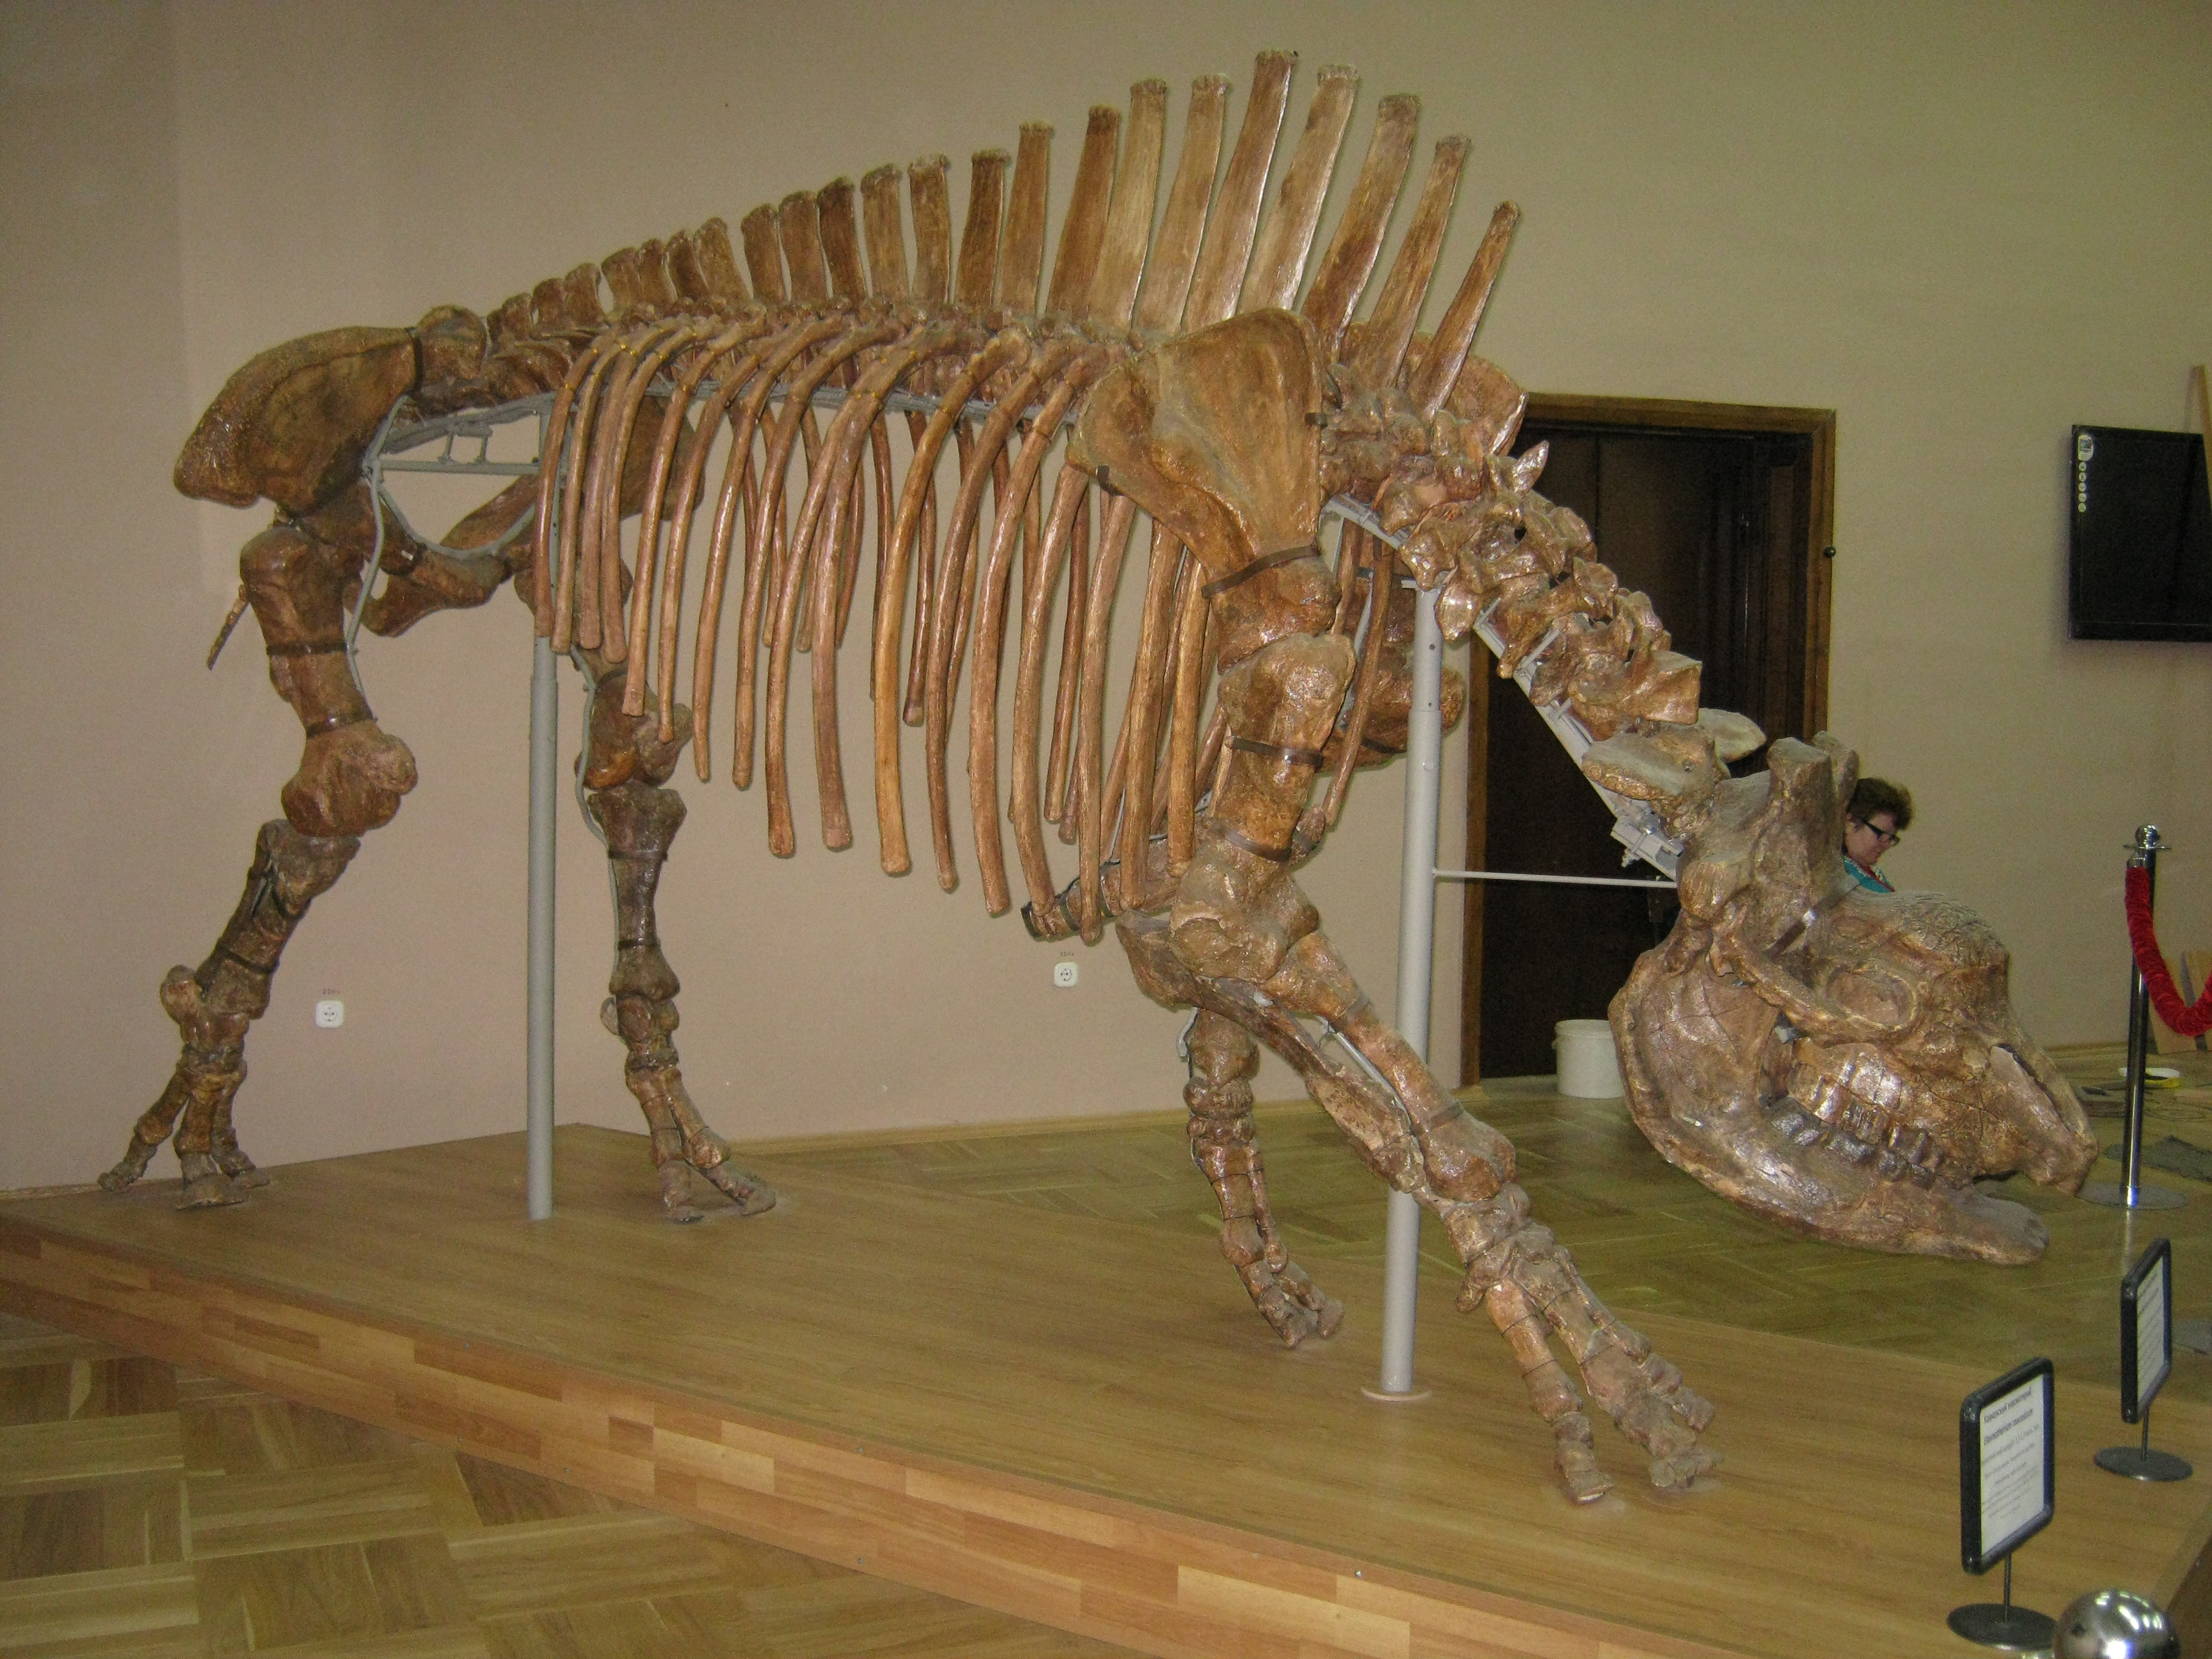 File:Elasmotherium caucasicum.JPG - Wikimedia Commons